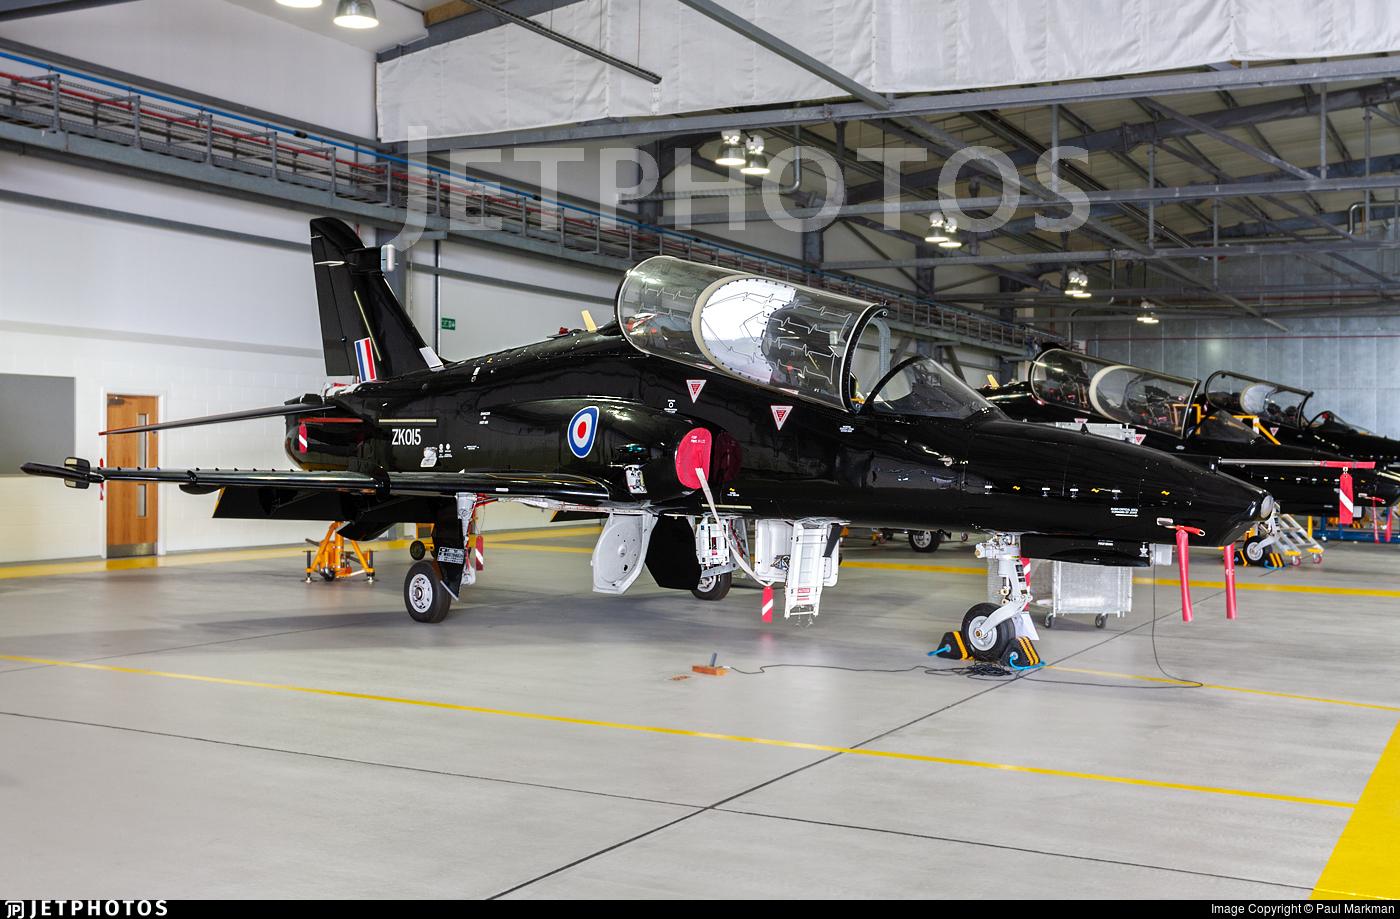 ZK015 - British Aerospace Hawk T.2 - United Kingdom - Royal Air Force (RAF)